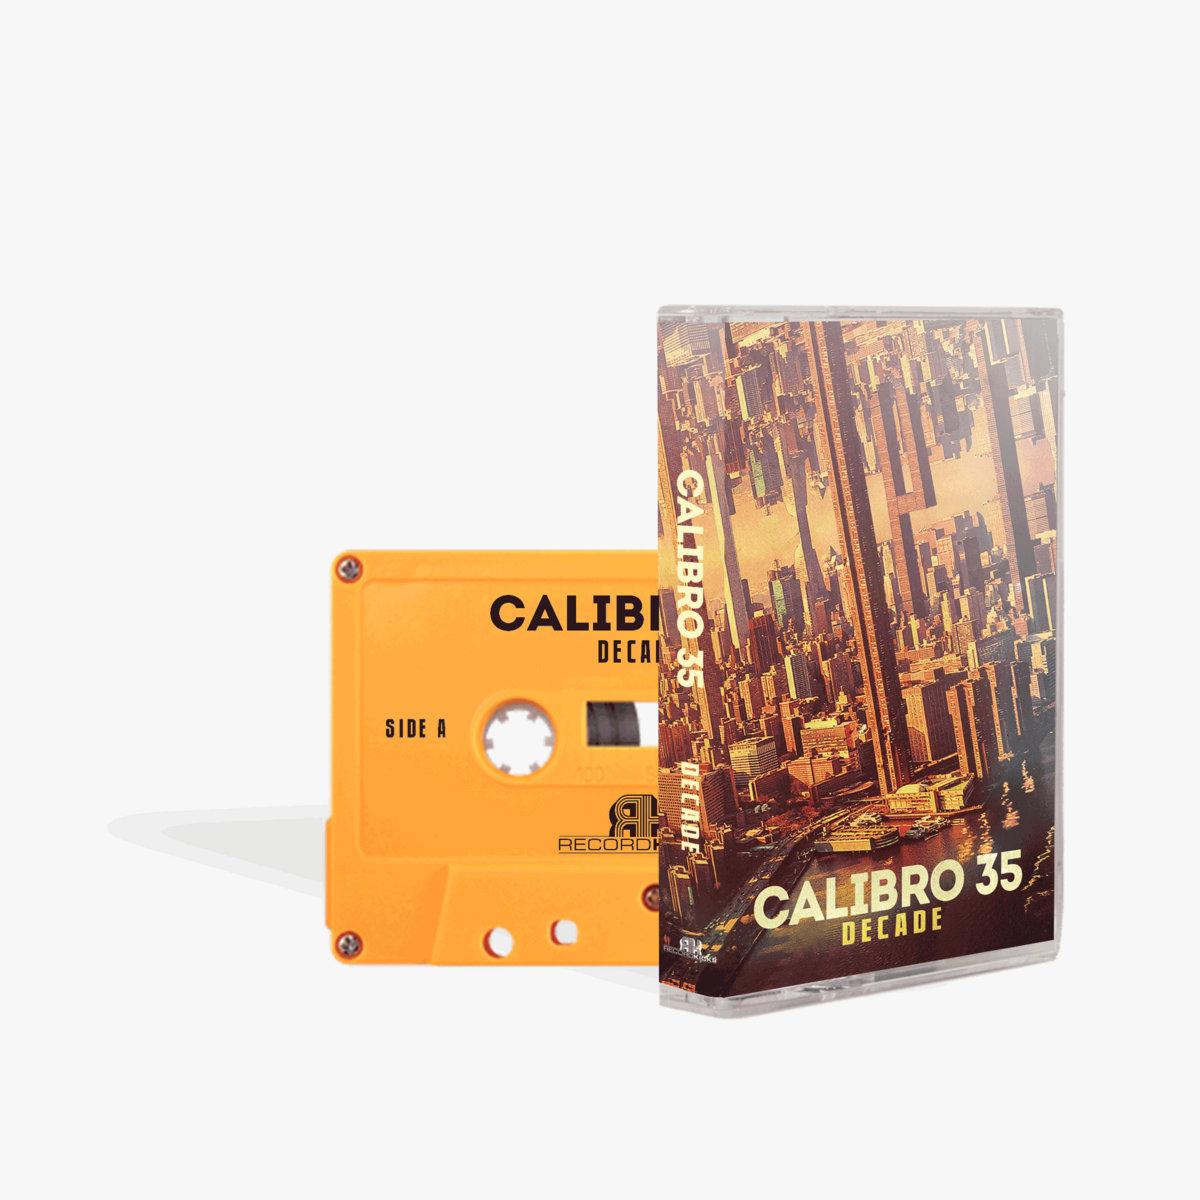 DECADE - Calibro 35